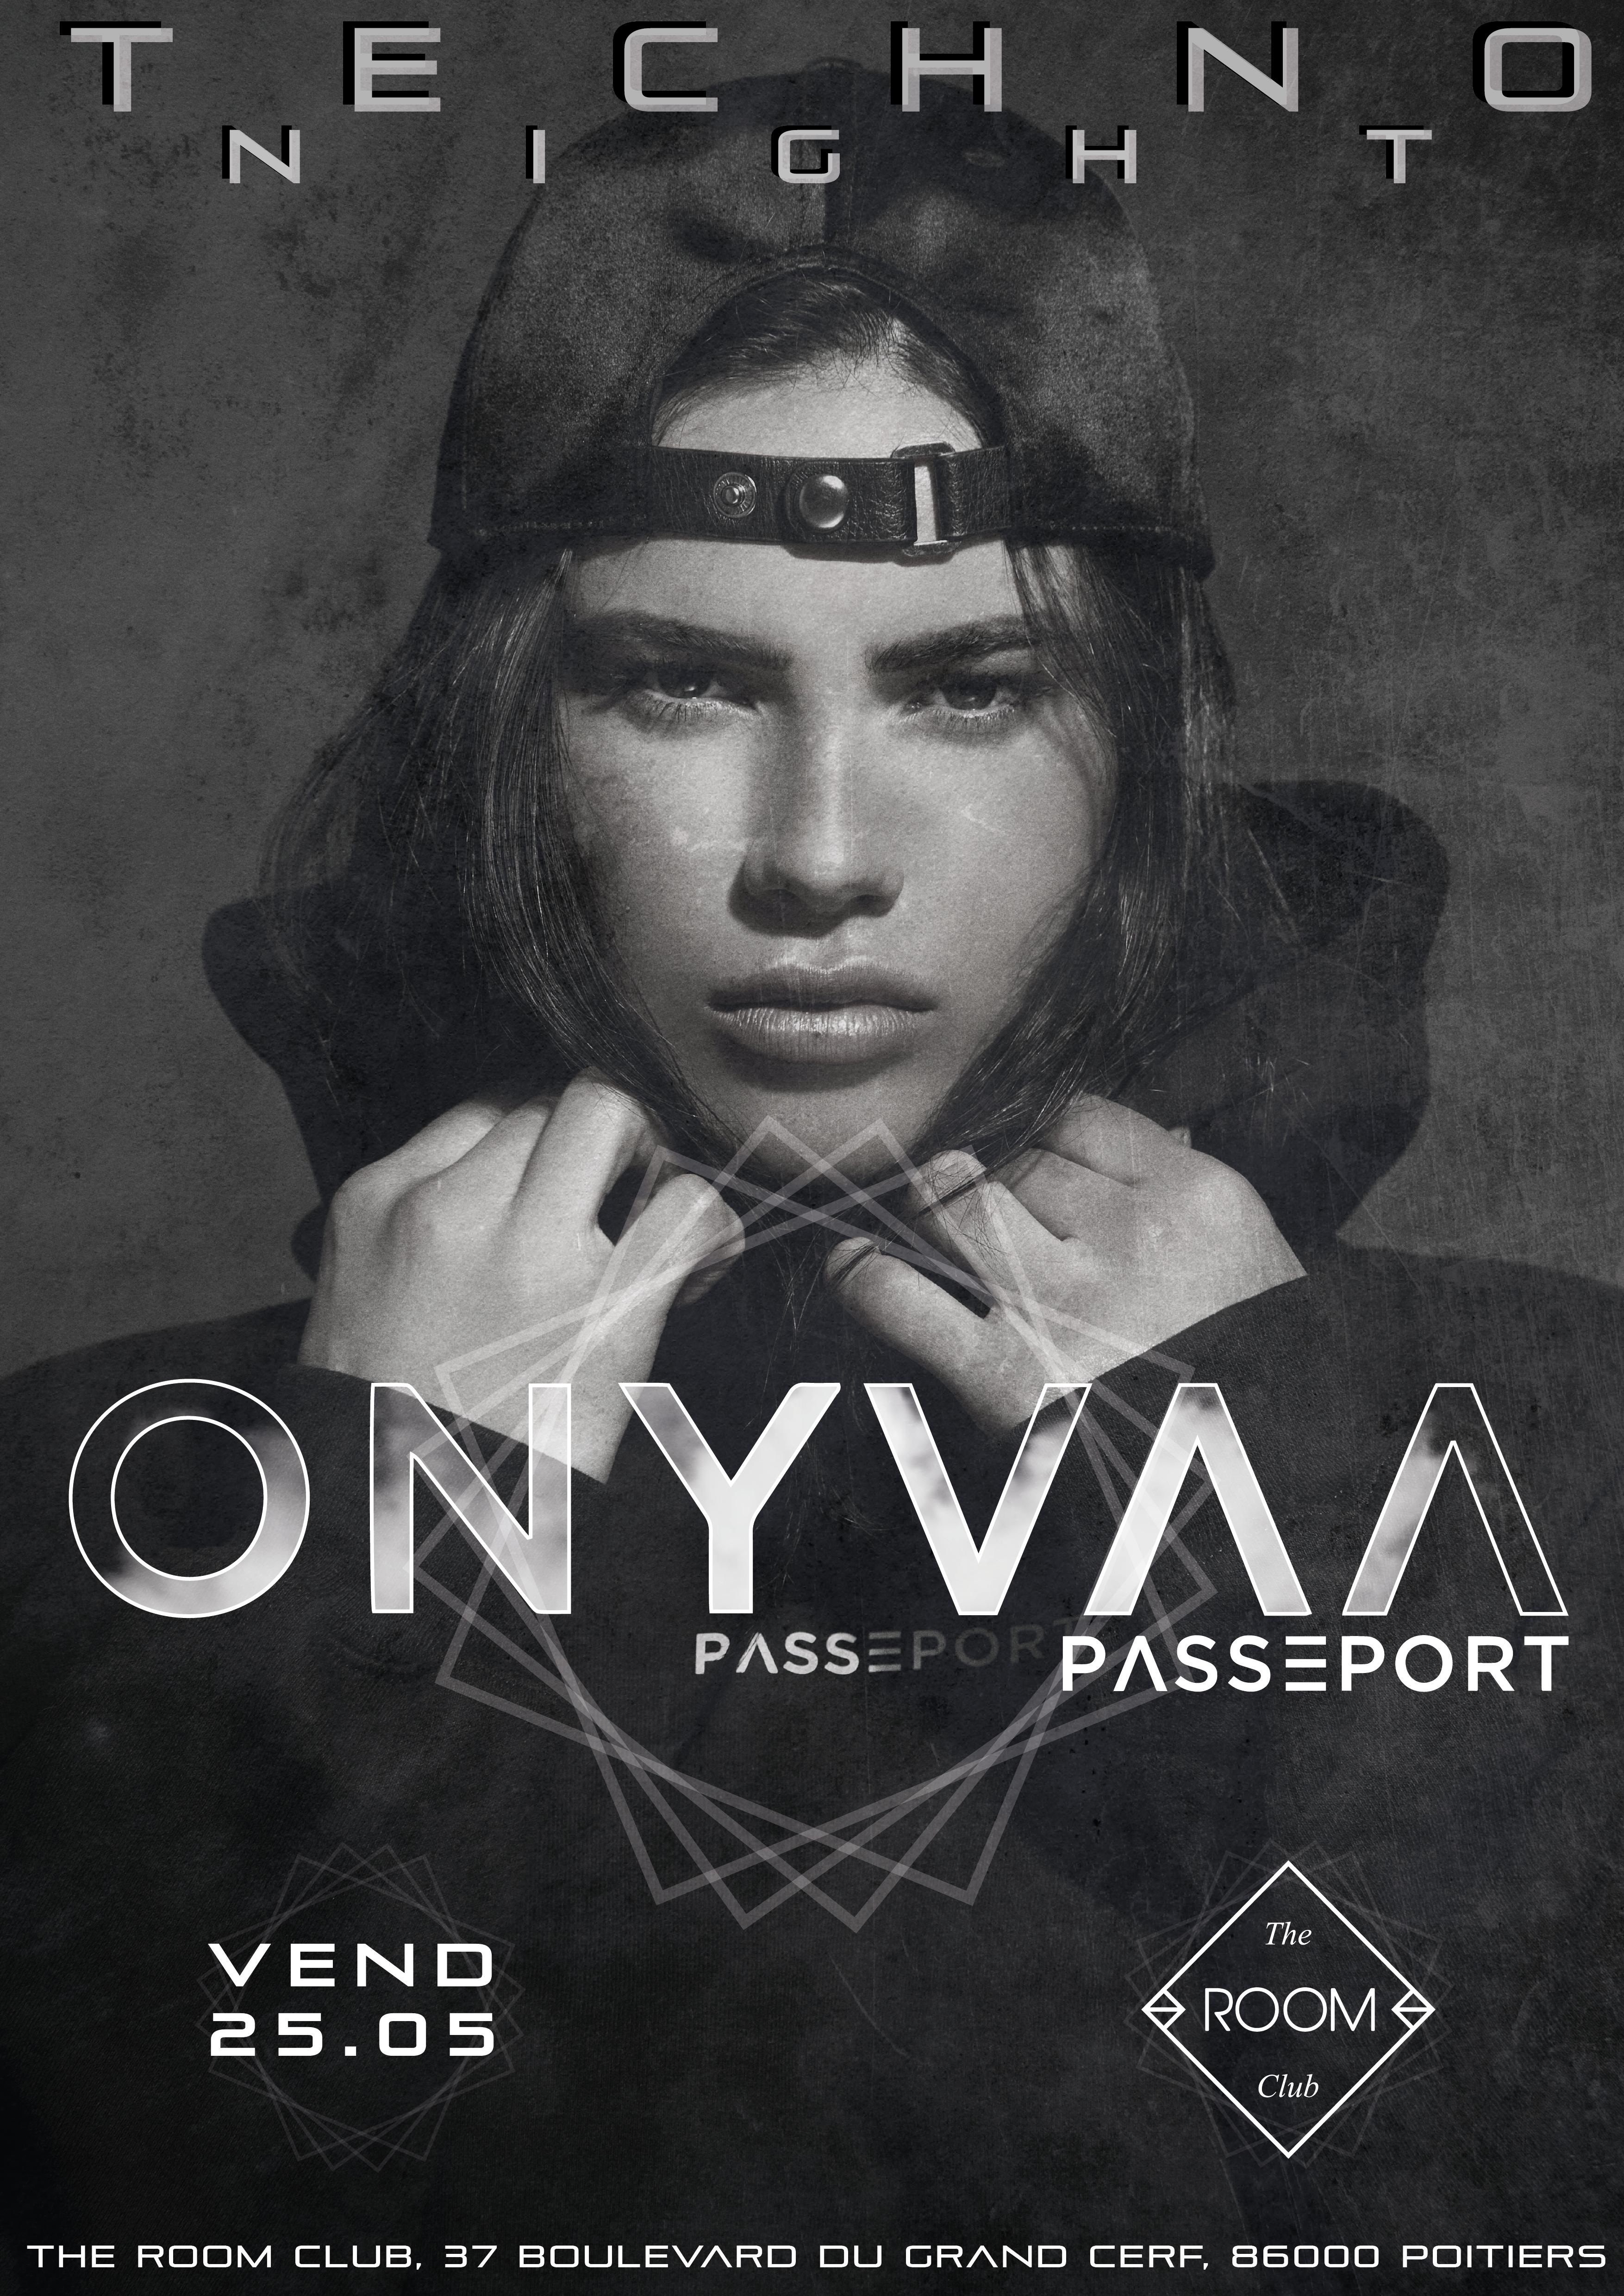 OnyvaaA3-01